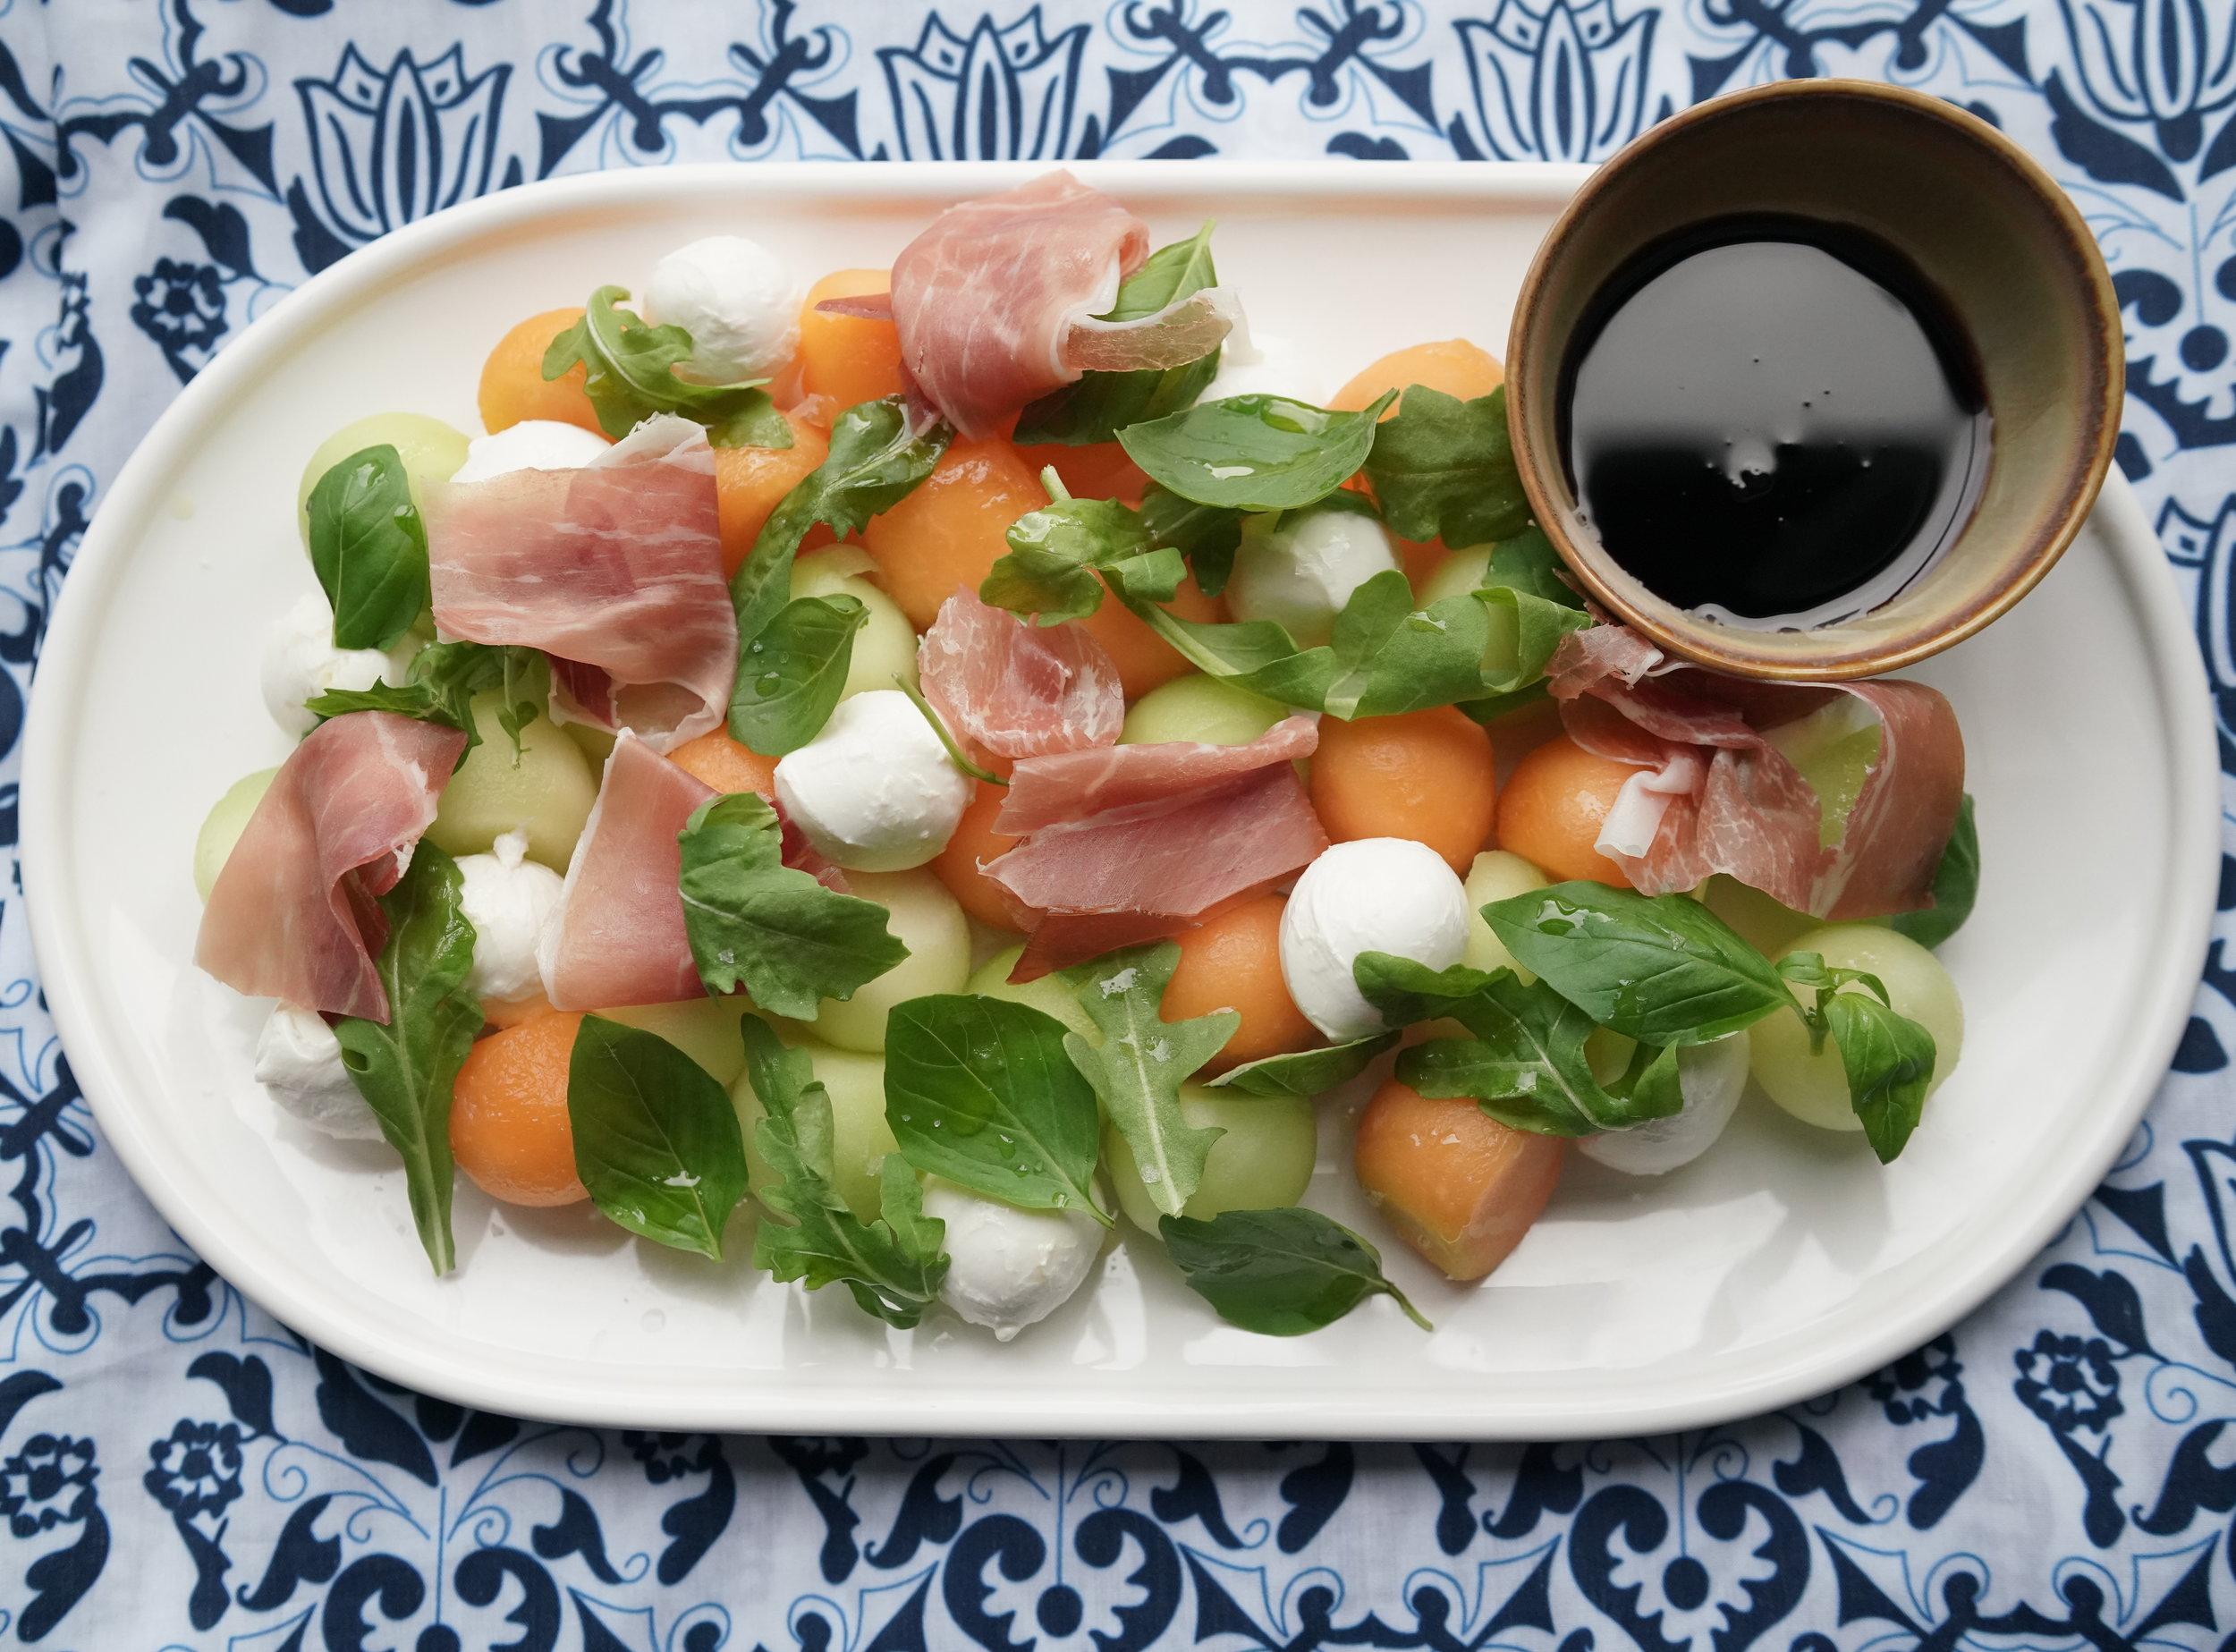 Recipe: Summer Melon Salad